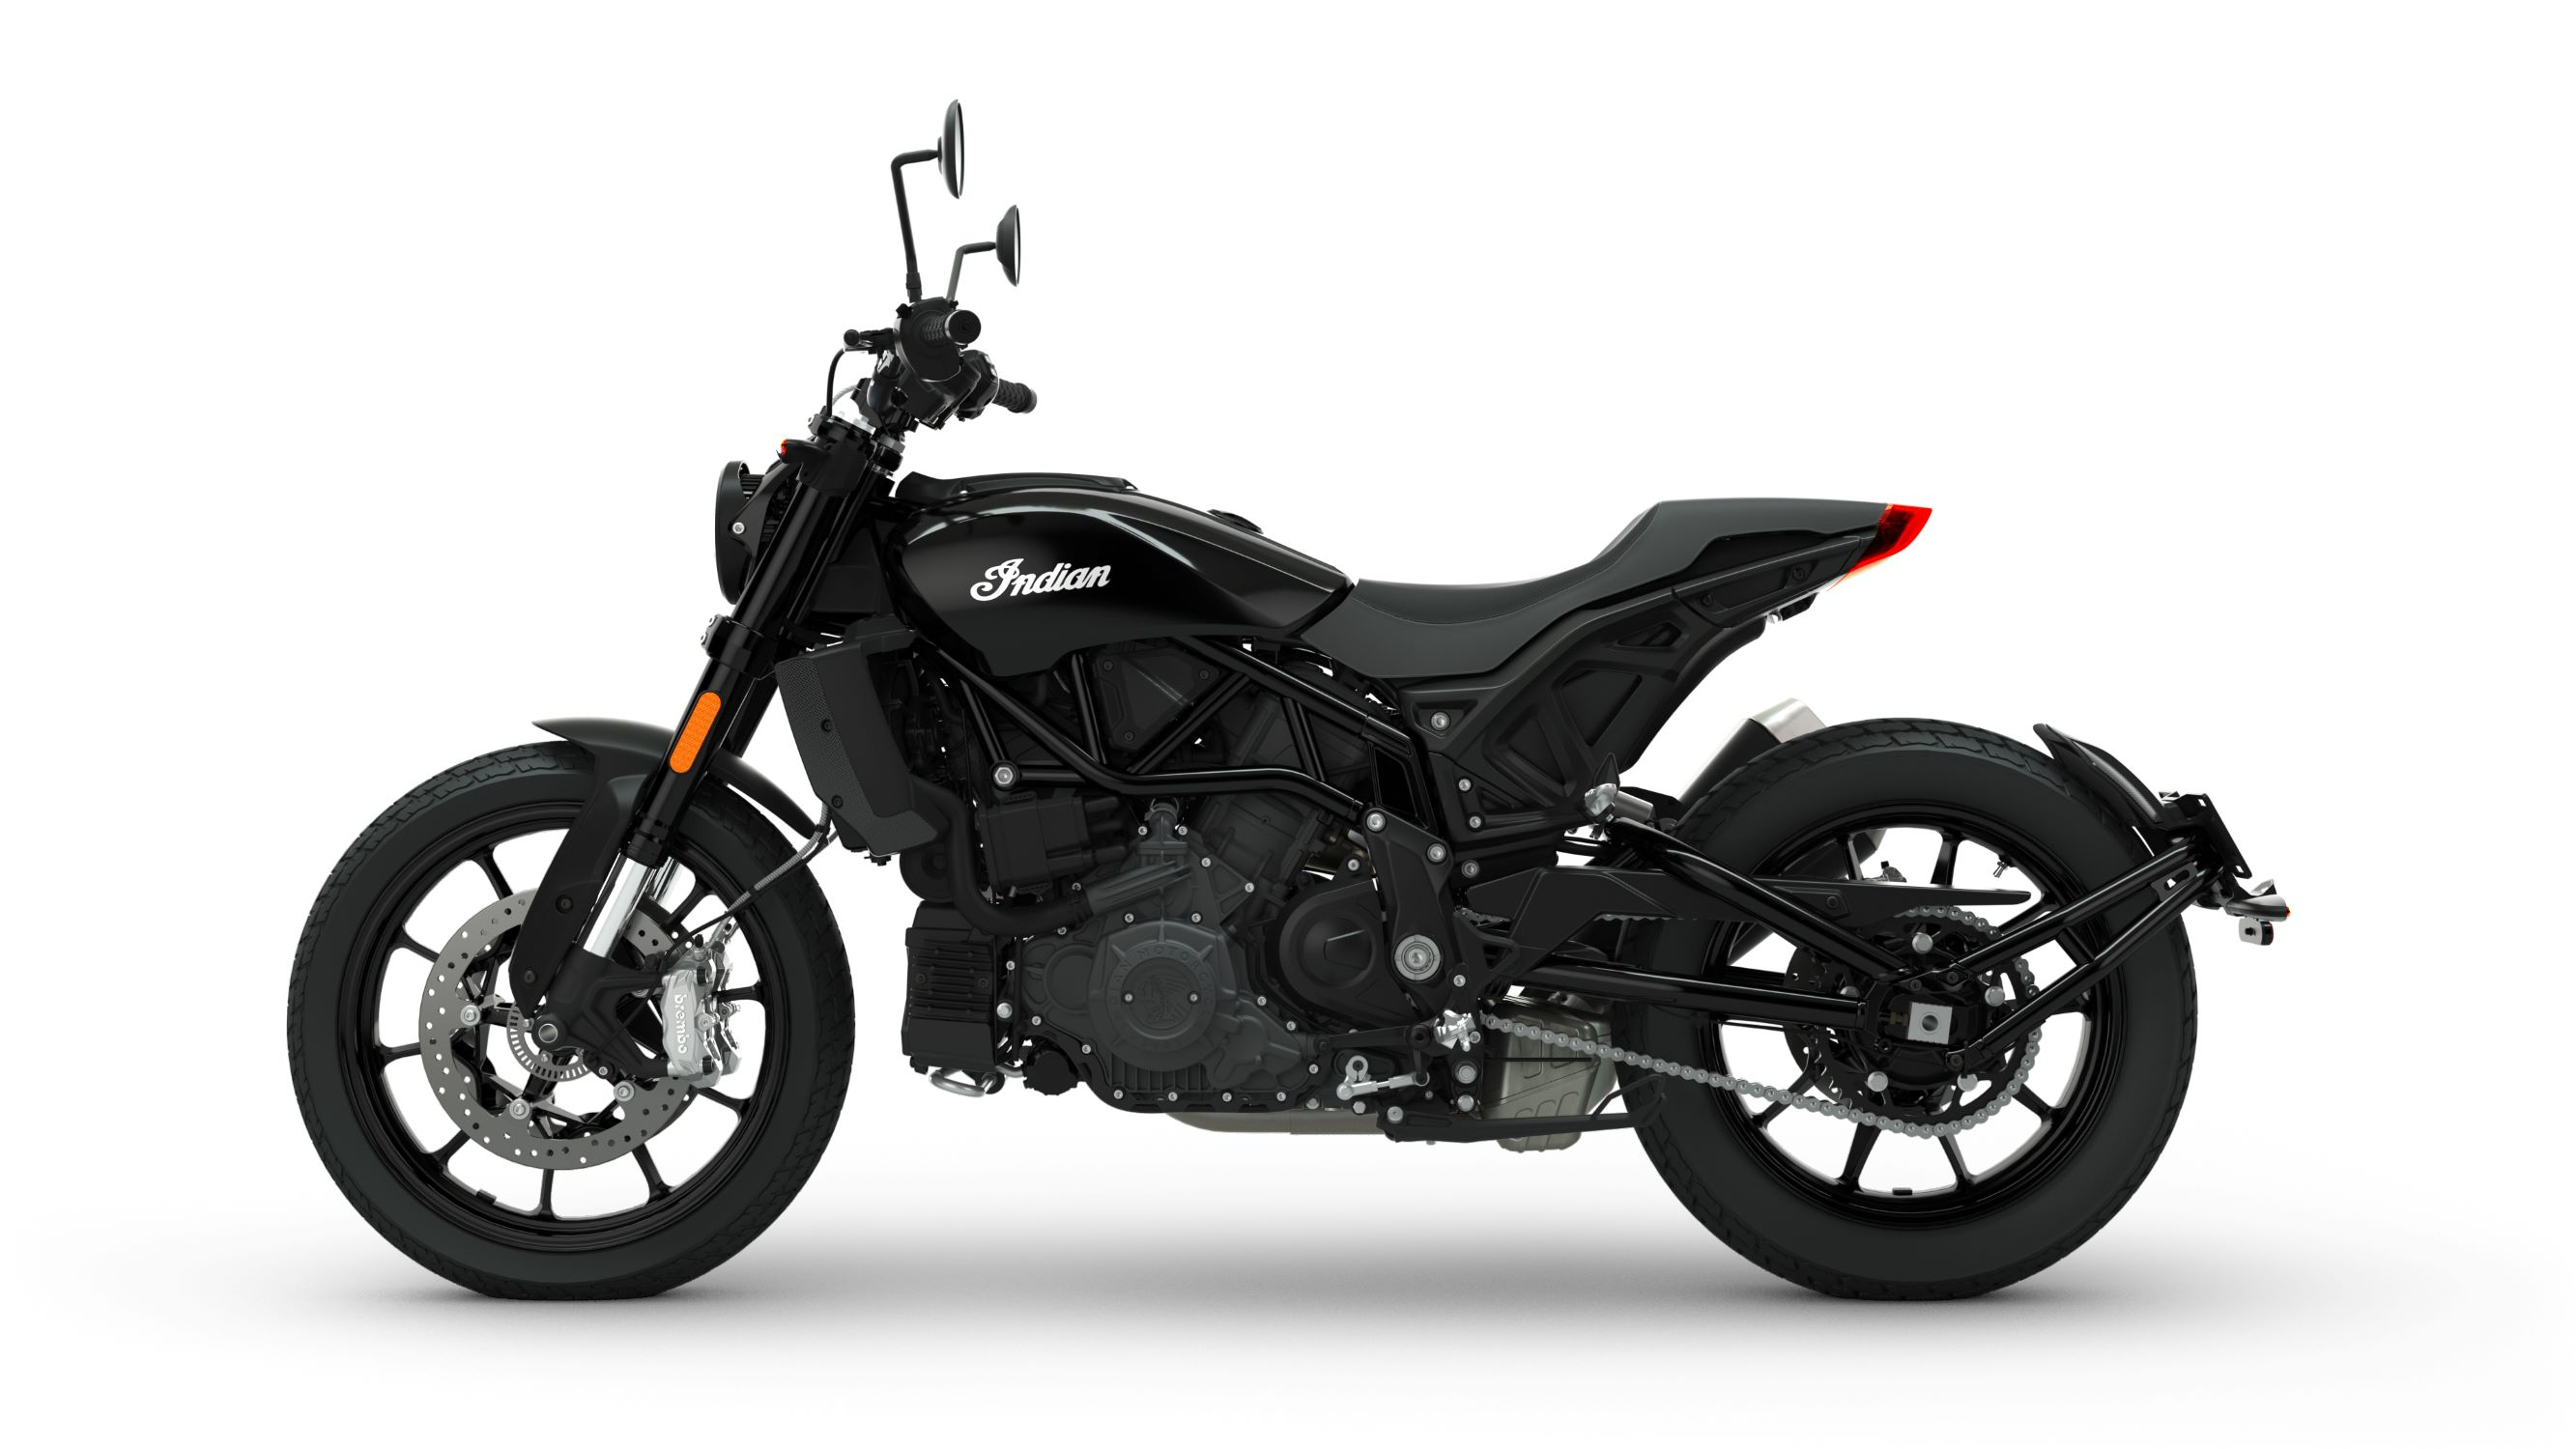 2019 FTR 1200 Thunder Black Left